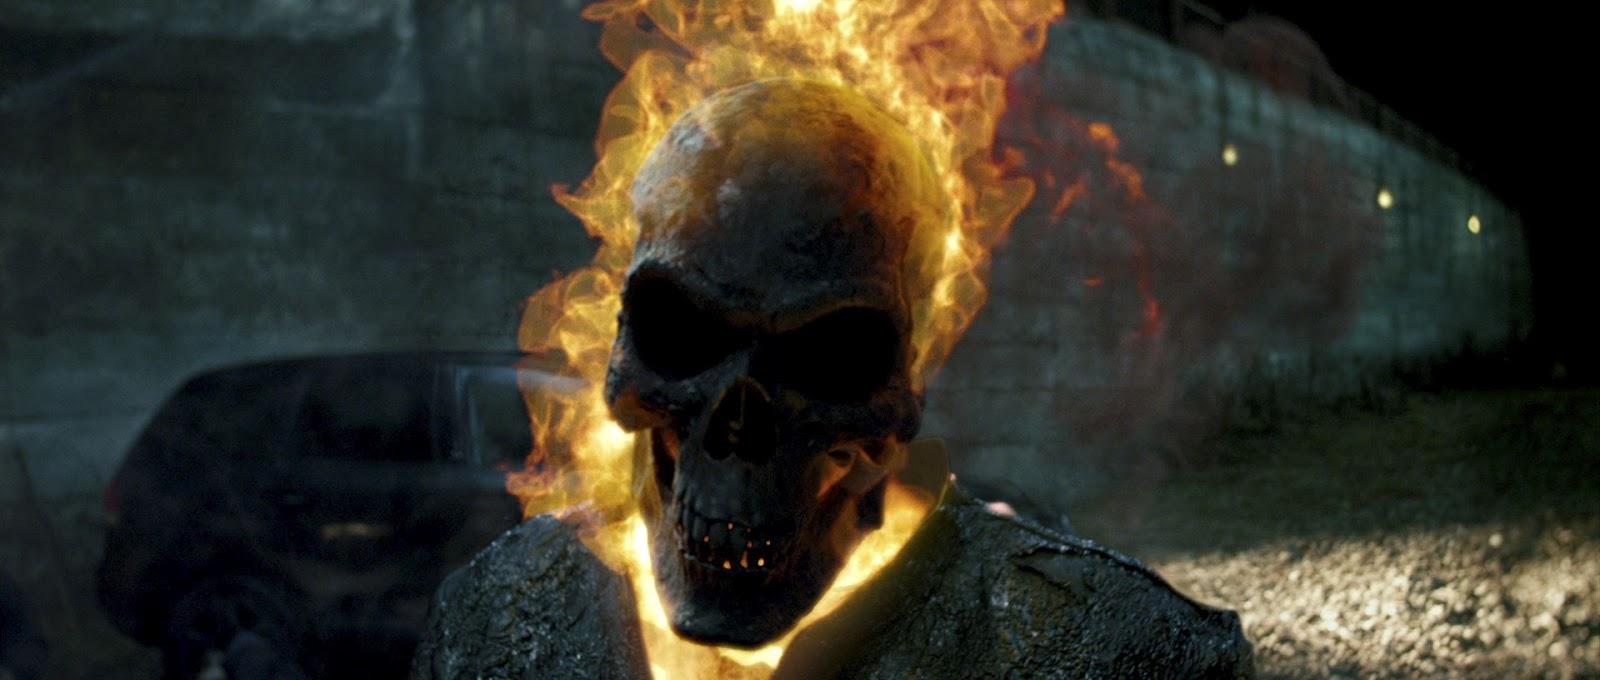 Wallpaper Land: Ghost Rider Spirit of Vengeance